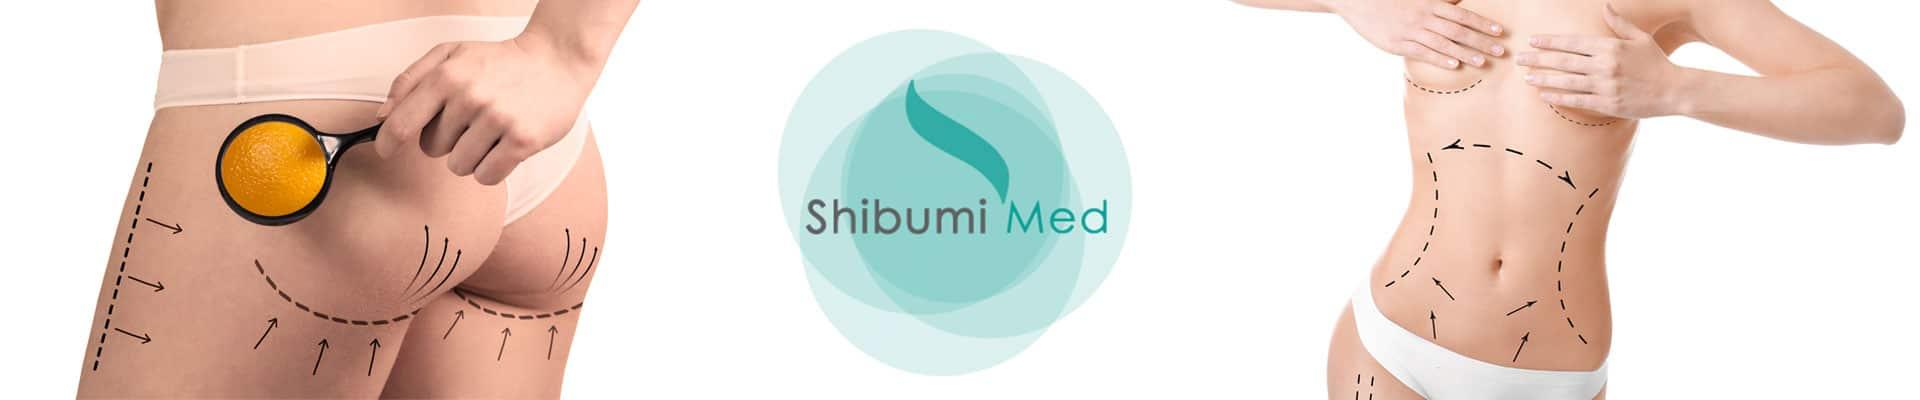 Chirurgia-Estetica-Torino-ShibumiMed